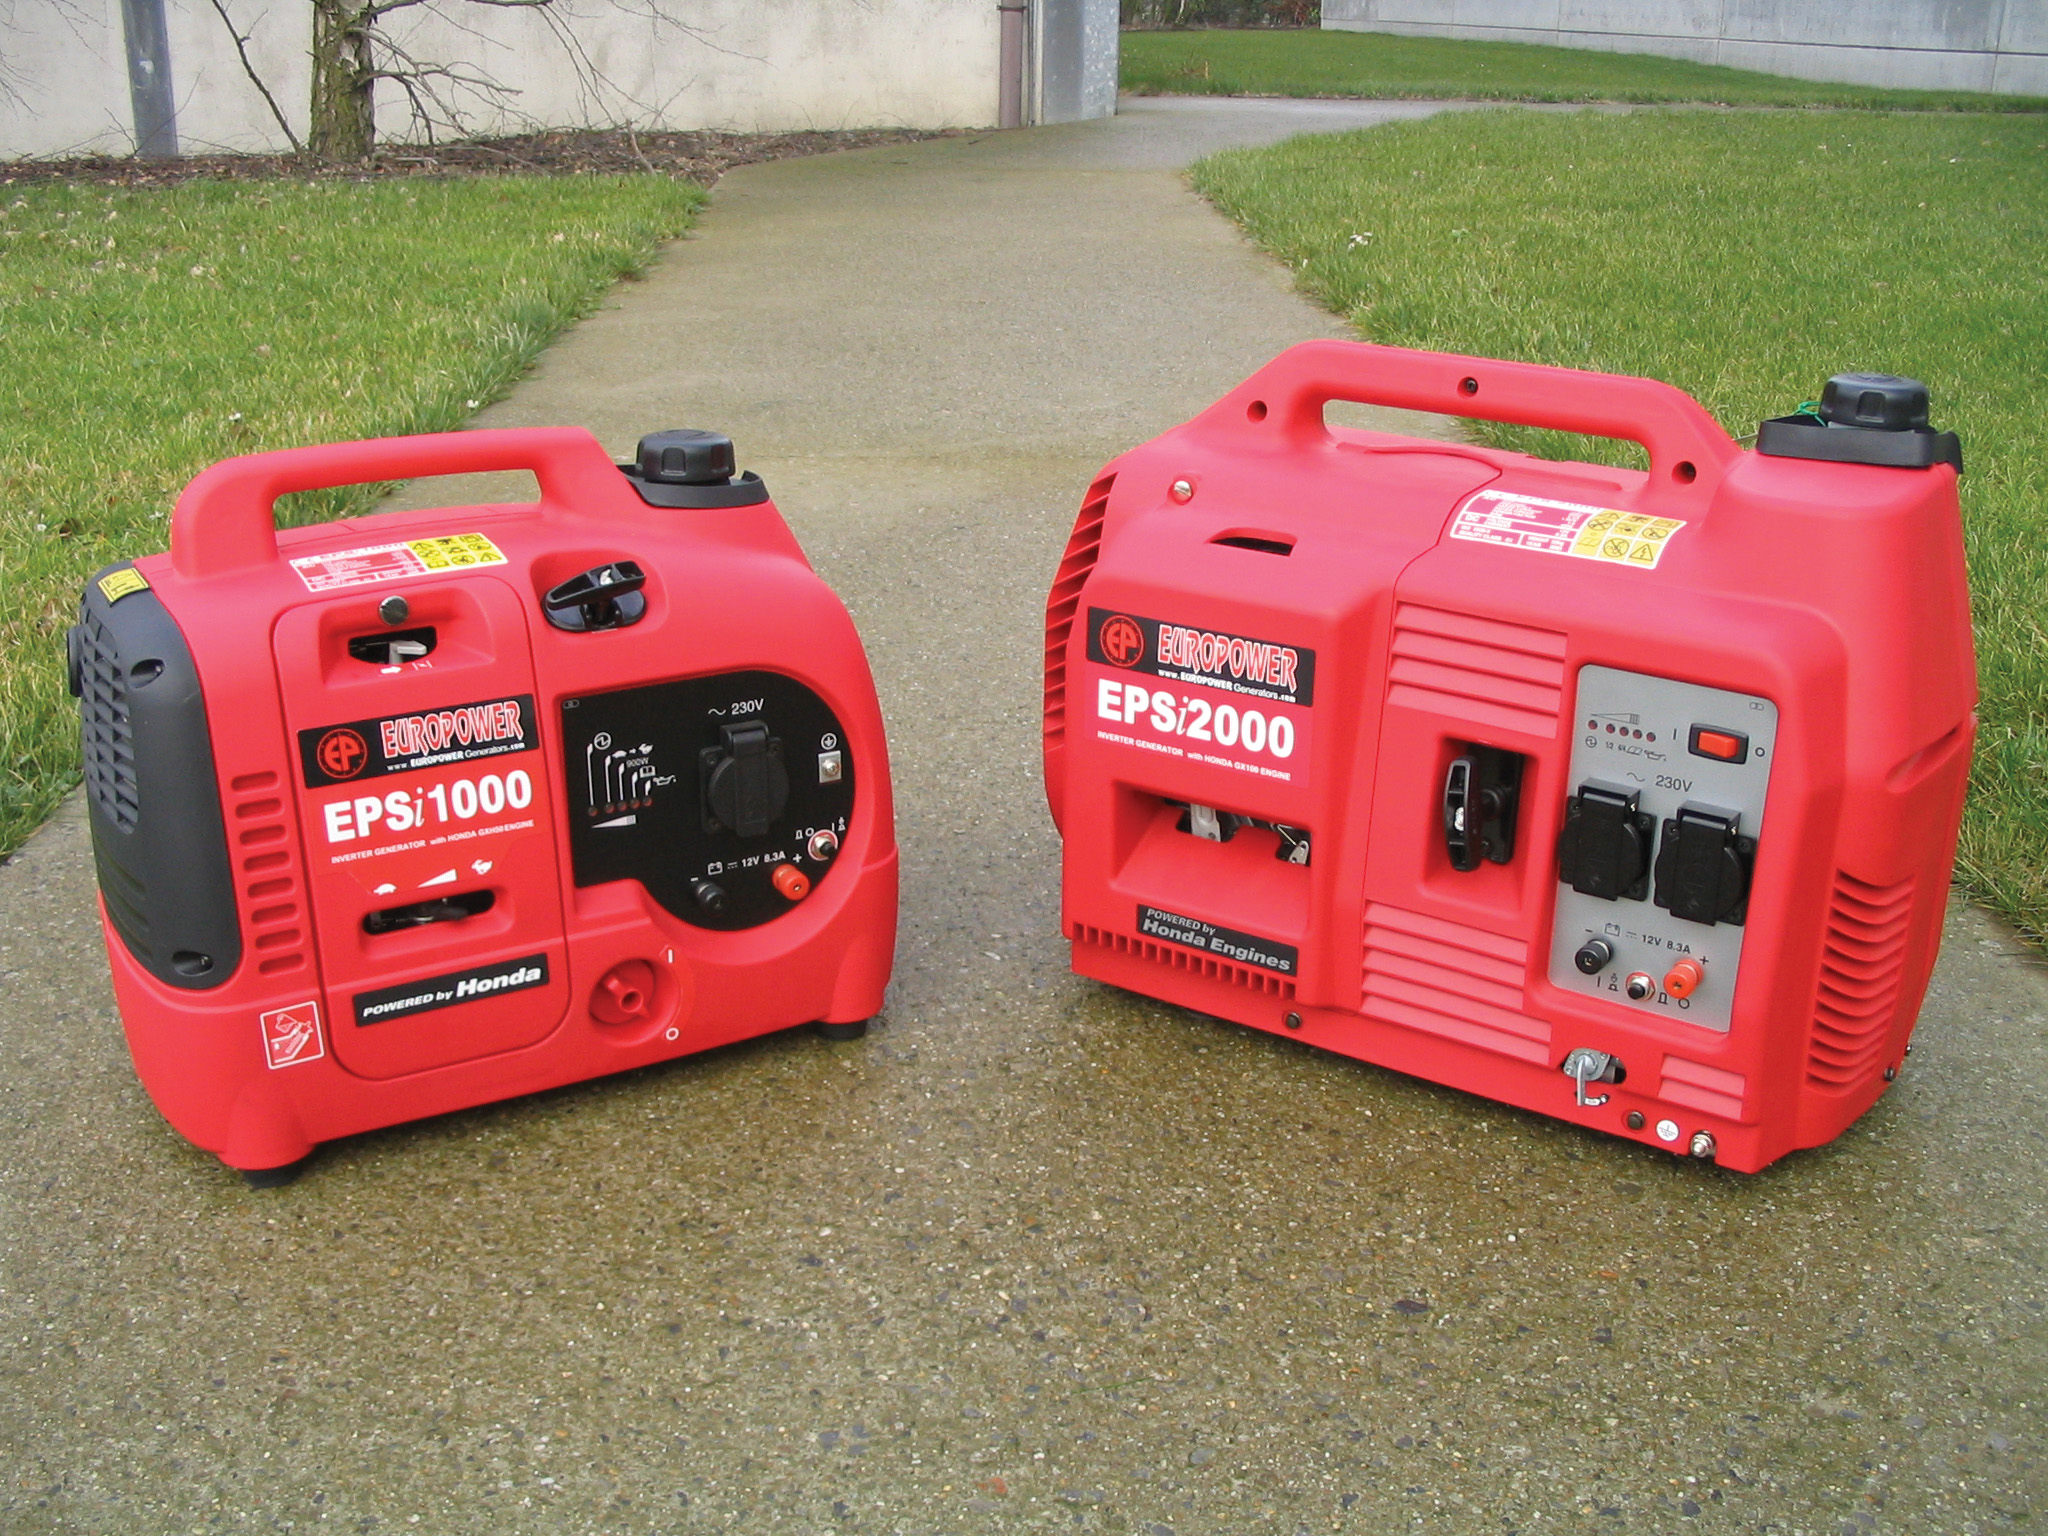 Чем инверторный генератор отличается от обычного и какой лучше?